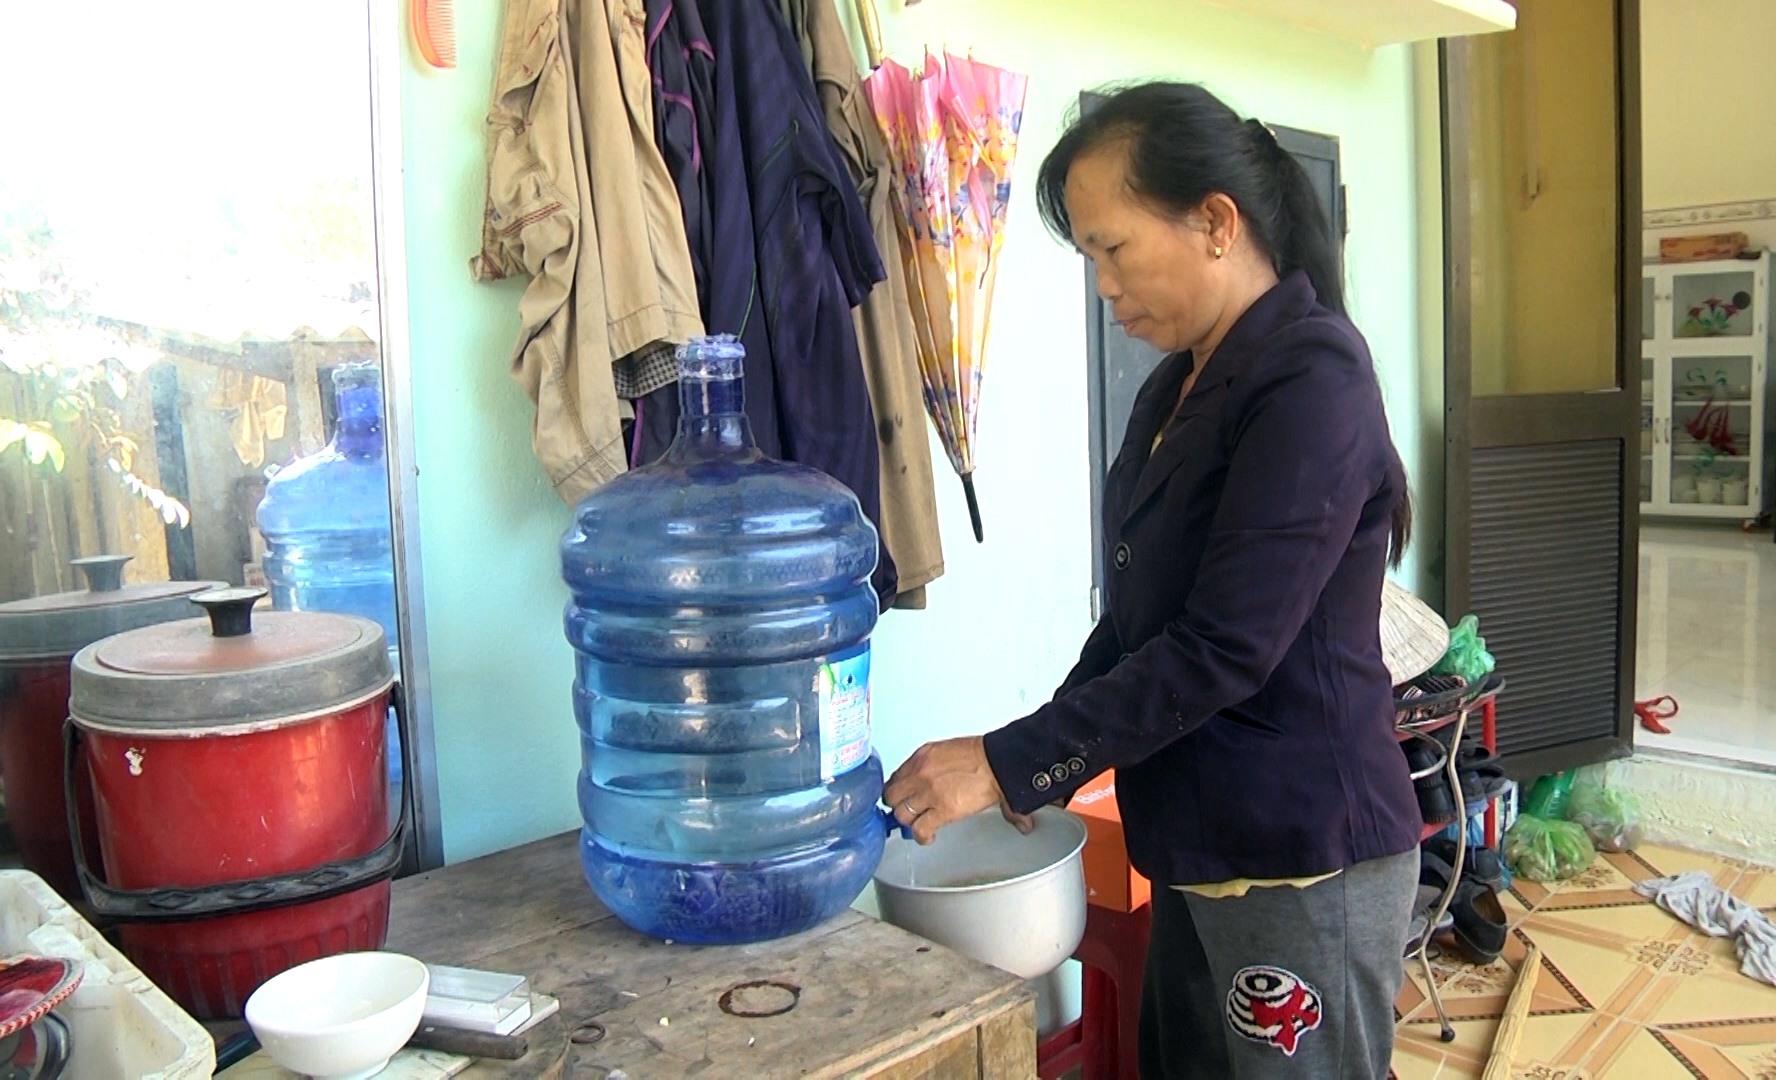 Nguồn nước bị nhiễm mặn người dân làng Cát Cao phải sử dụng nước bình để nấu ăn.